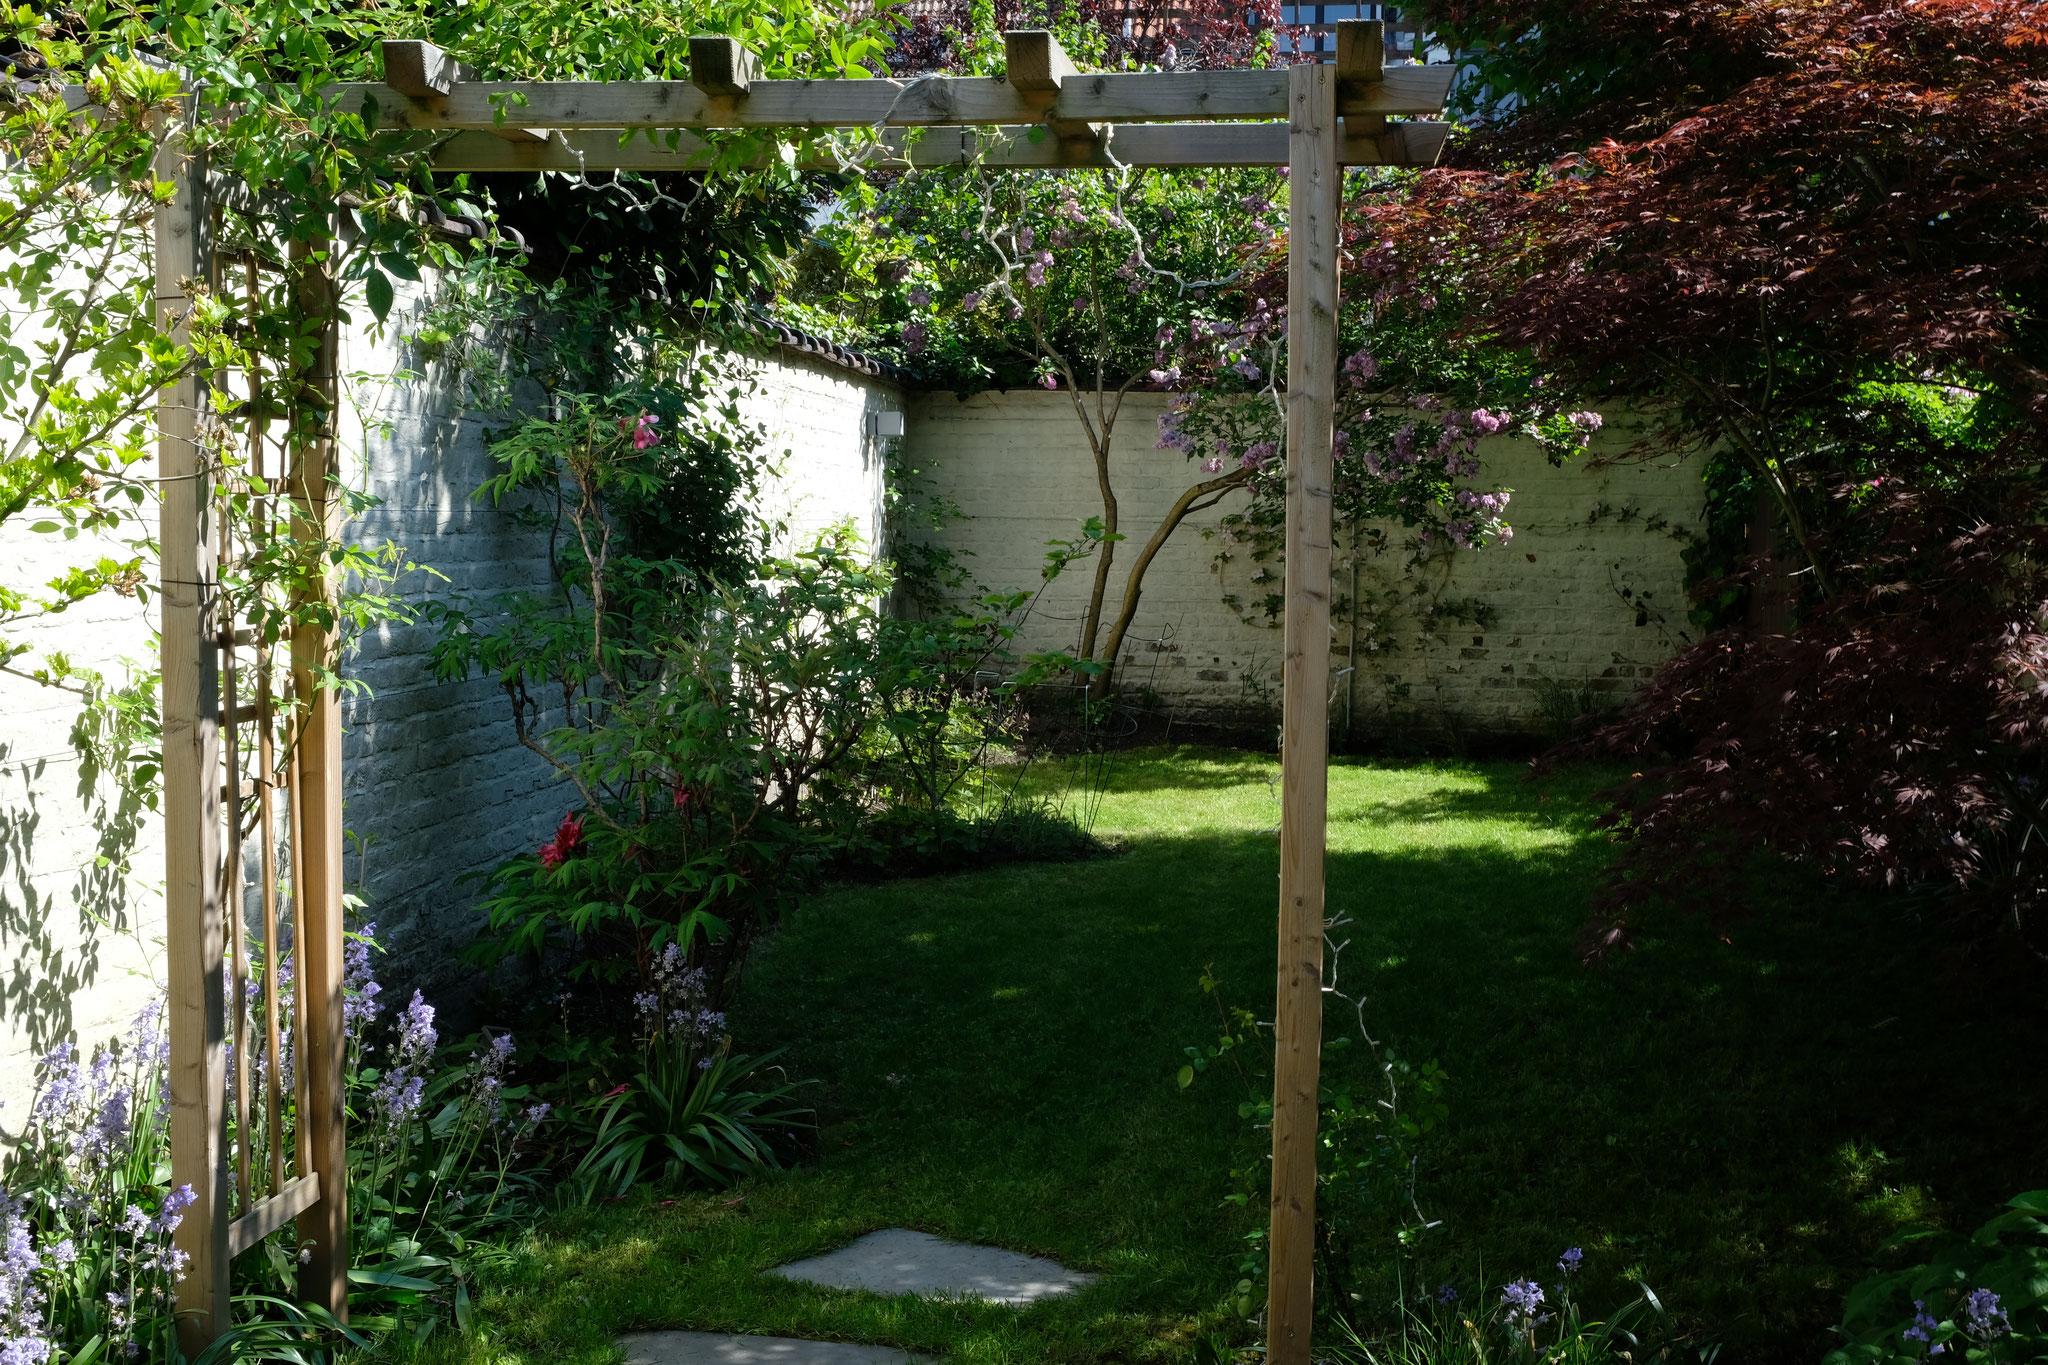 Jardin de ville 120m2 - Jardin de chambres - La tonnelle/ Printemps 2018. Amenagement jardin Bruxelles